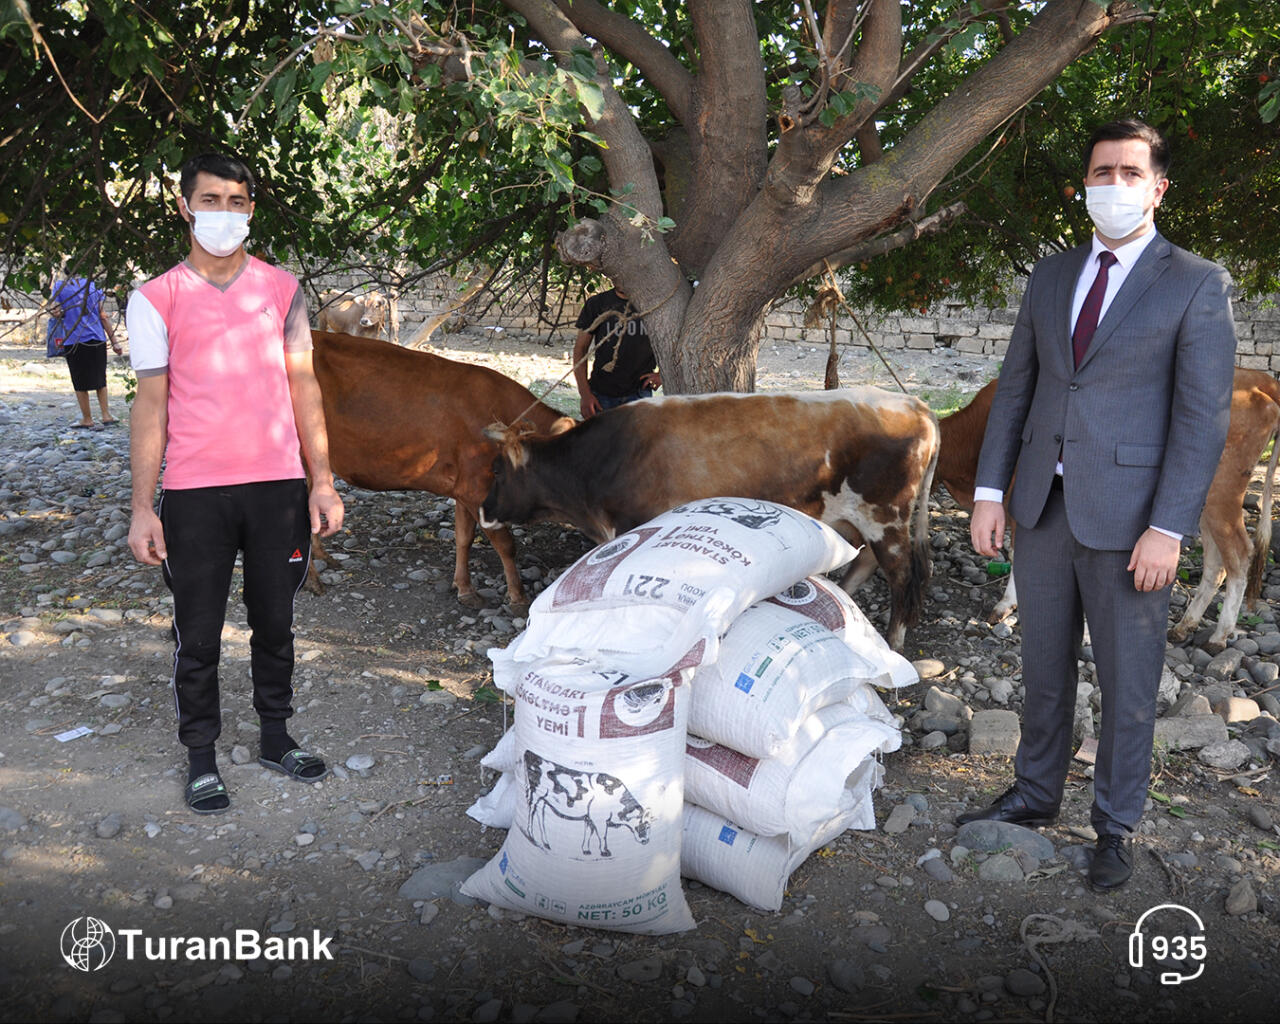 ТуранБанк продолжает поддерживать программу самозанятости населения